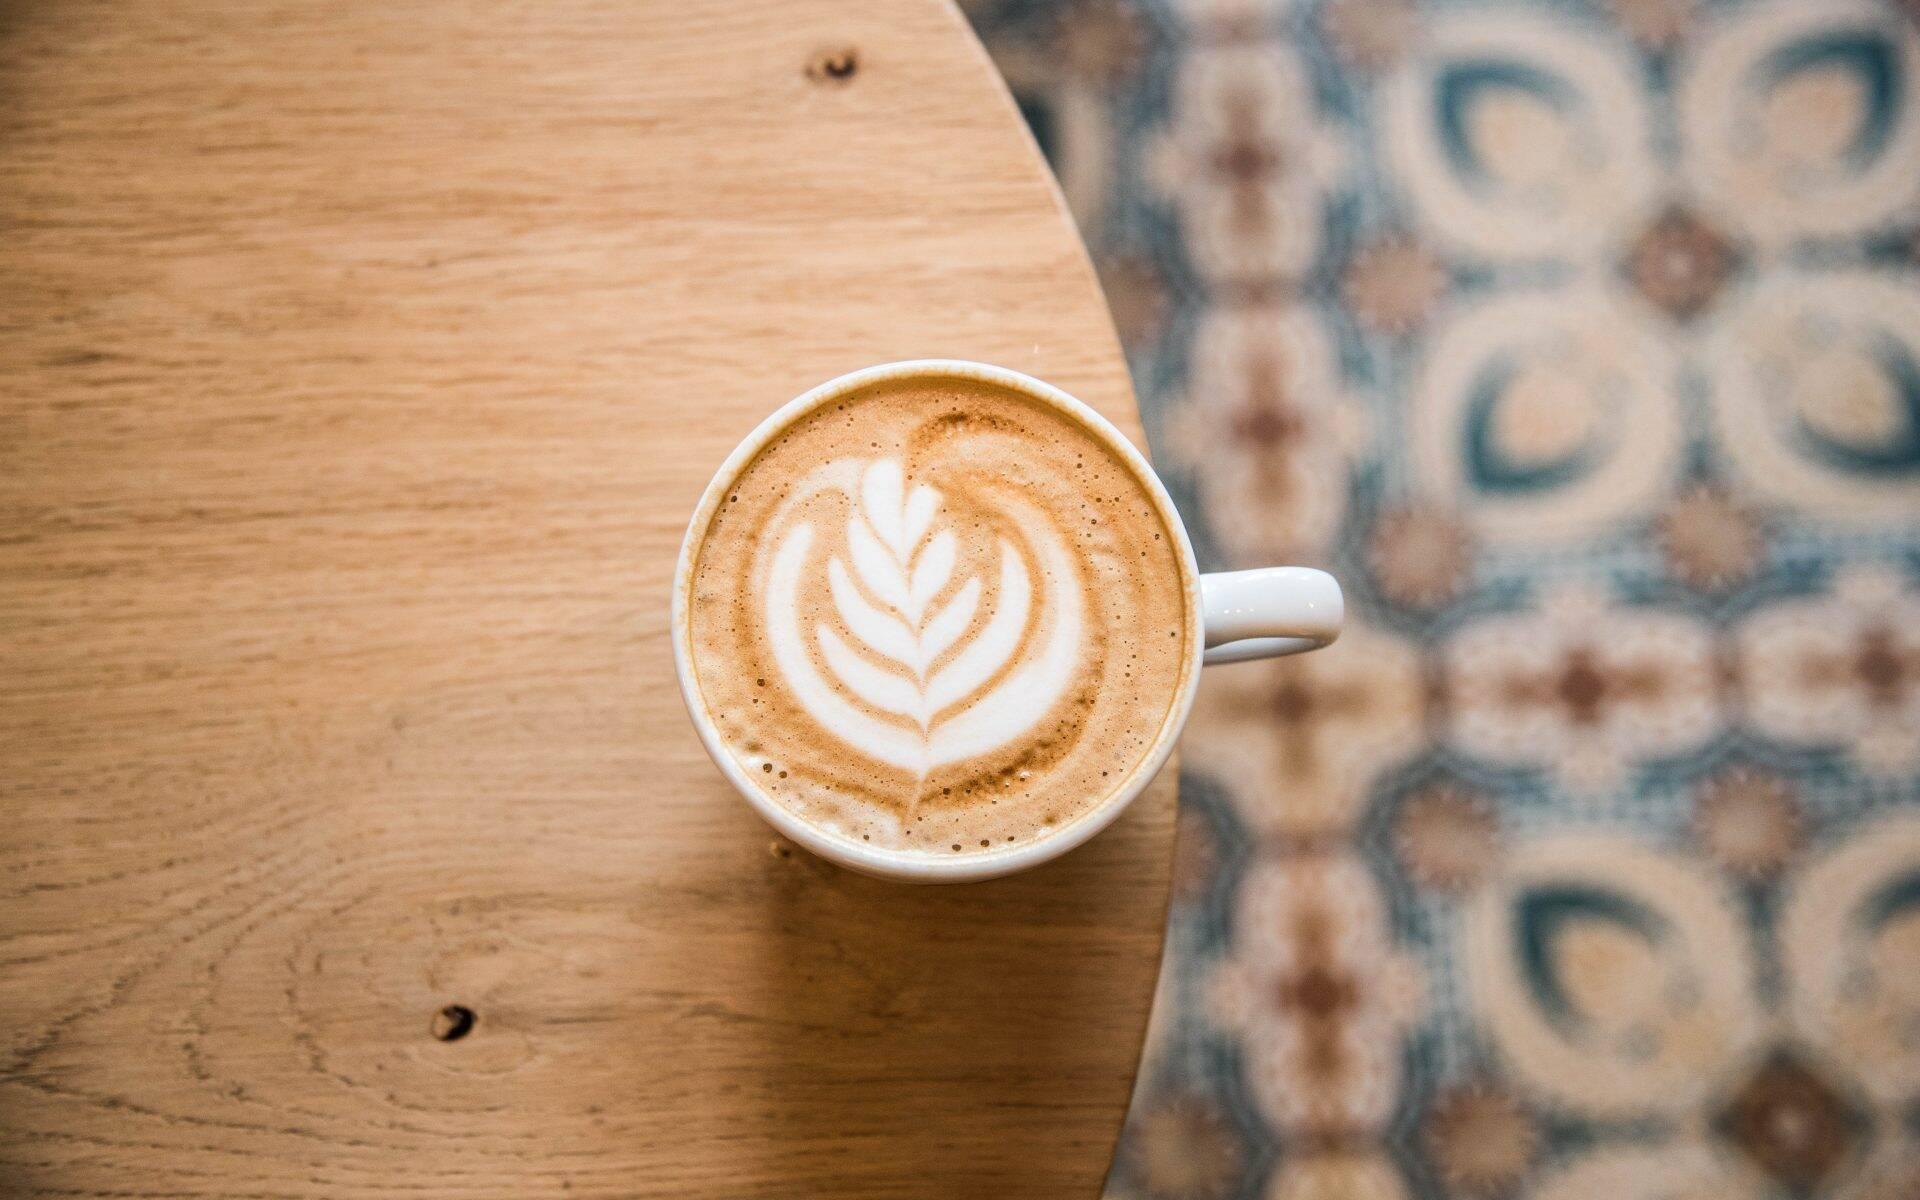 Bandito Espresso Maastricht